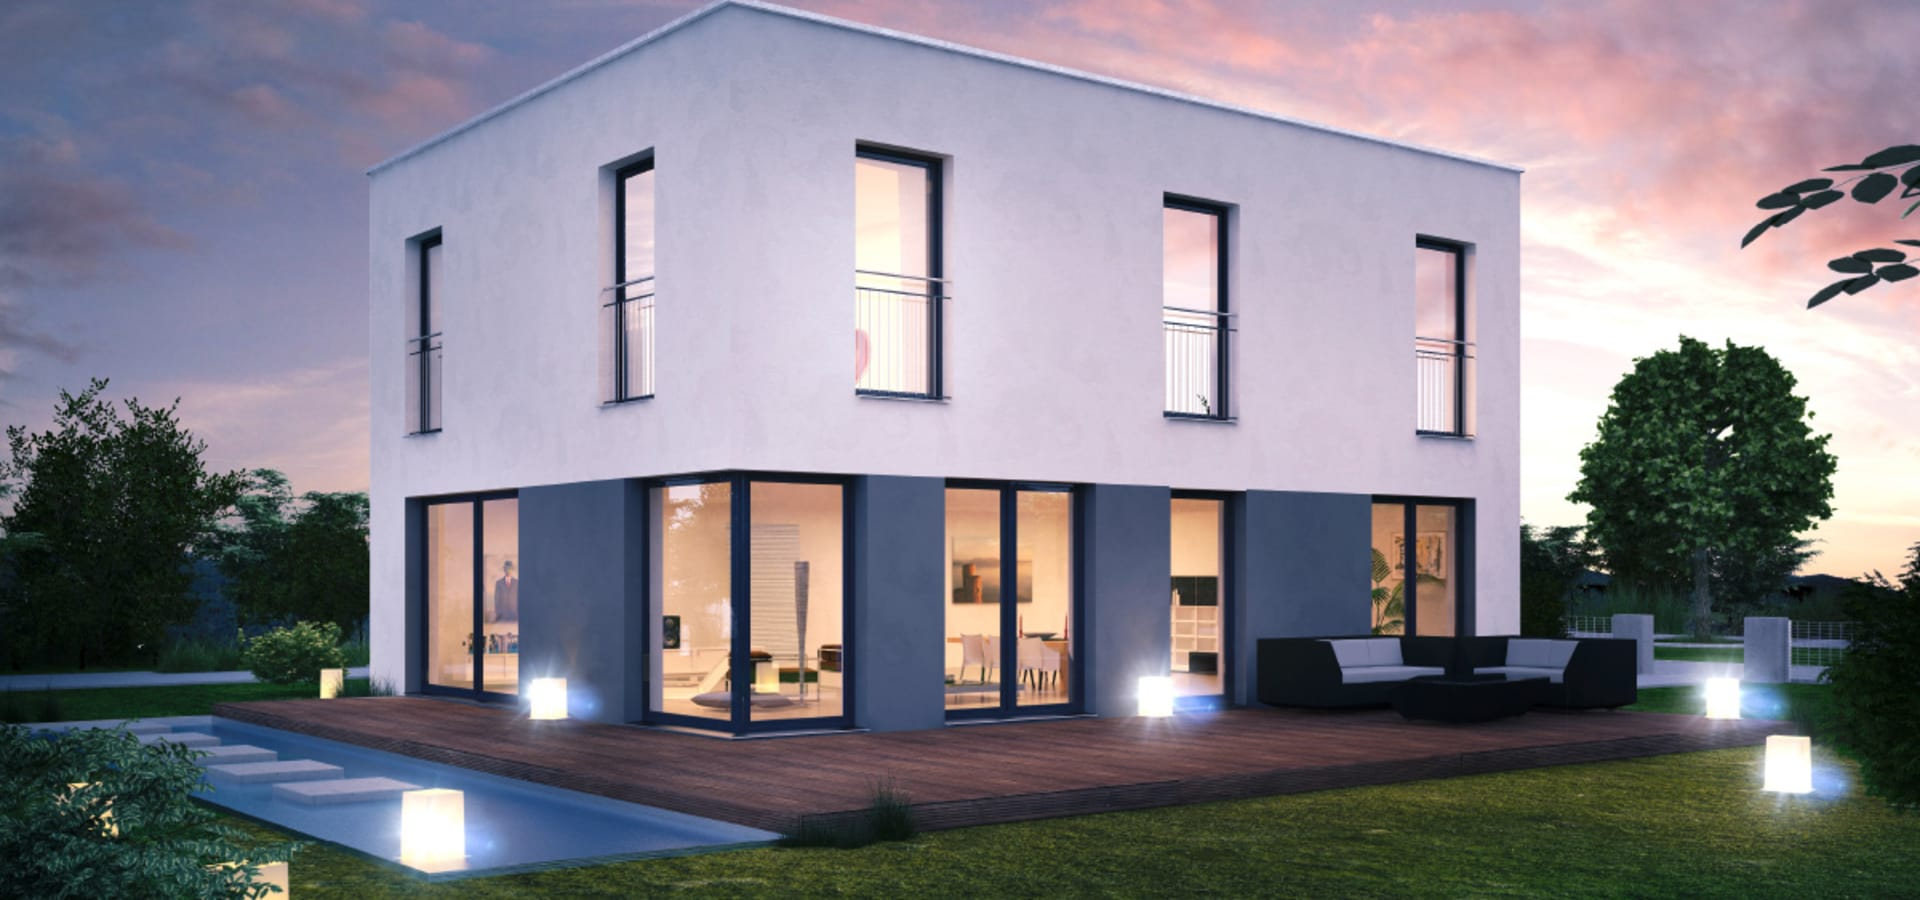 icon cube modernes wohnen im bauhaus stil de dennert. Black Bedroom Furniture Sets. Home Design Ideas